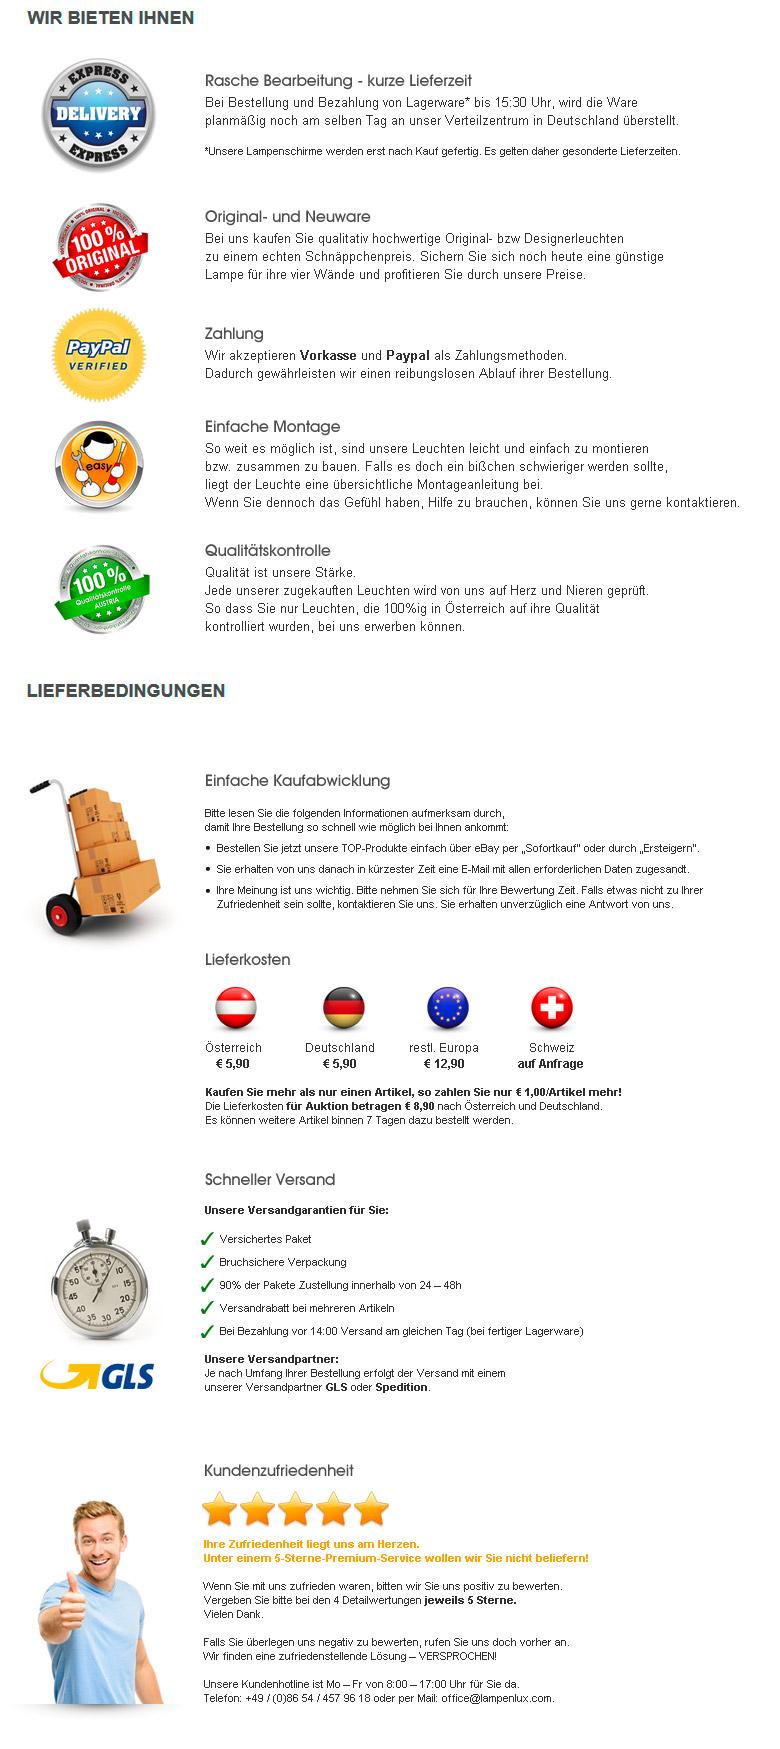 LAMPENLUX Lieferkonditionen, Kundenzufriedenheit, Versandkosten